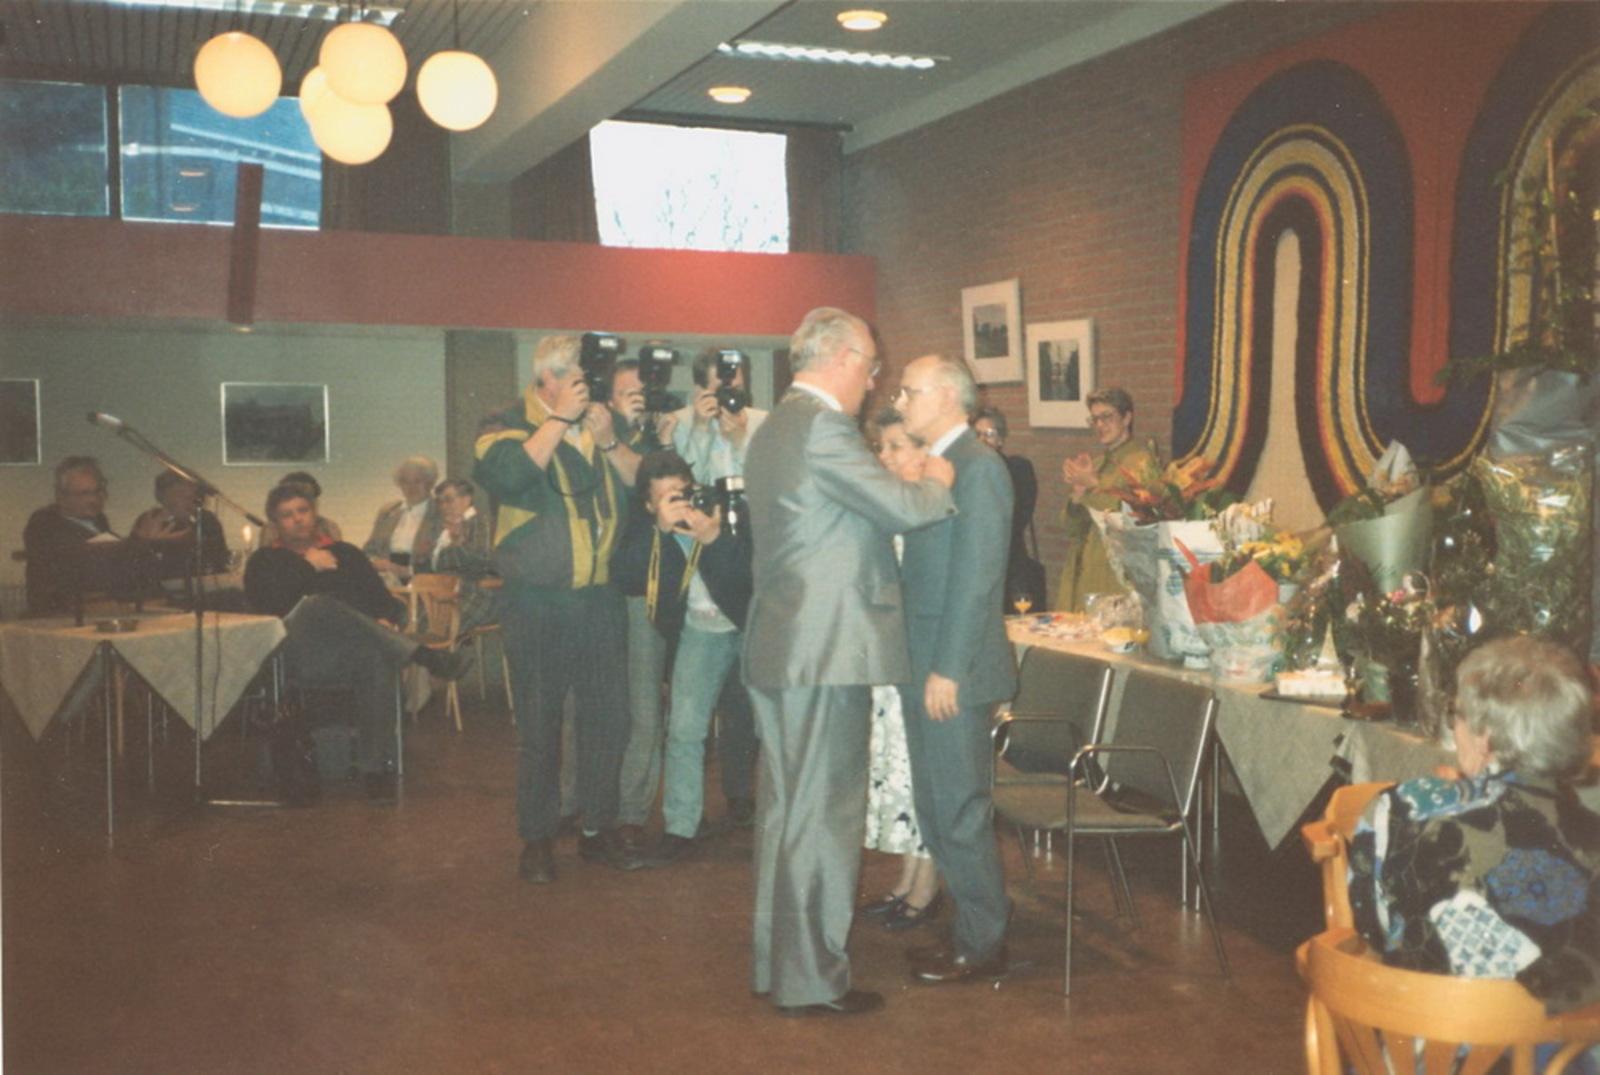 Marktlaan O 0022 1988 Sigarenboer Kraak 50jr Jub en Sluiting 87